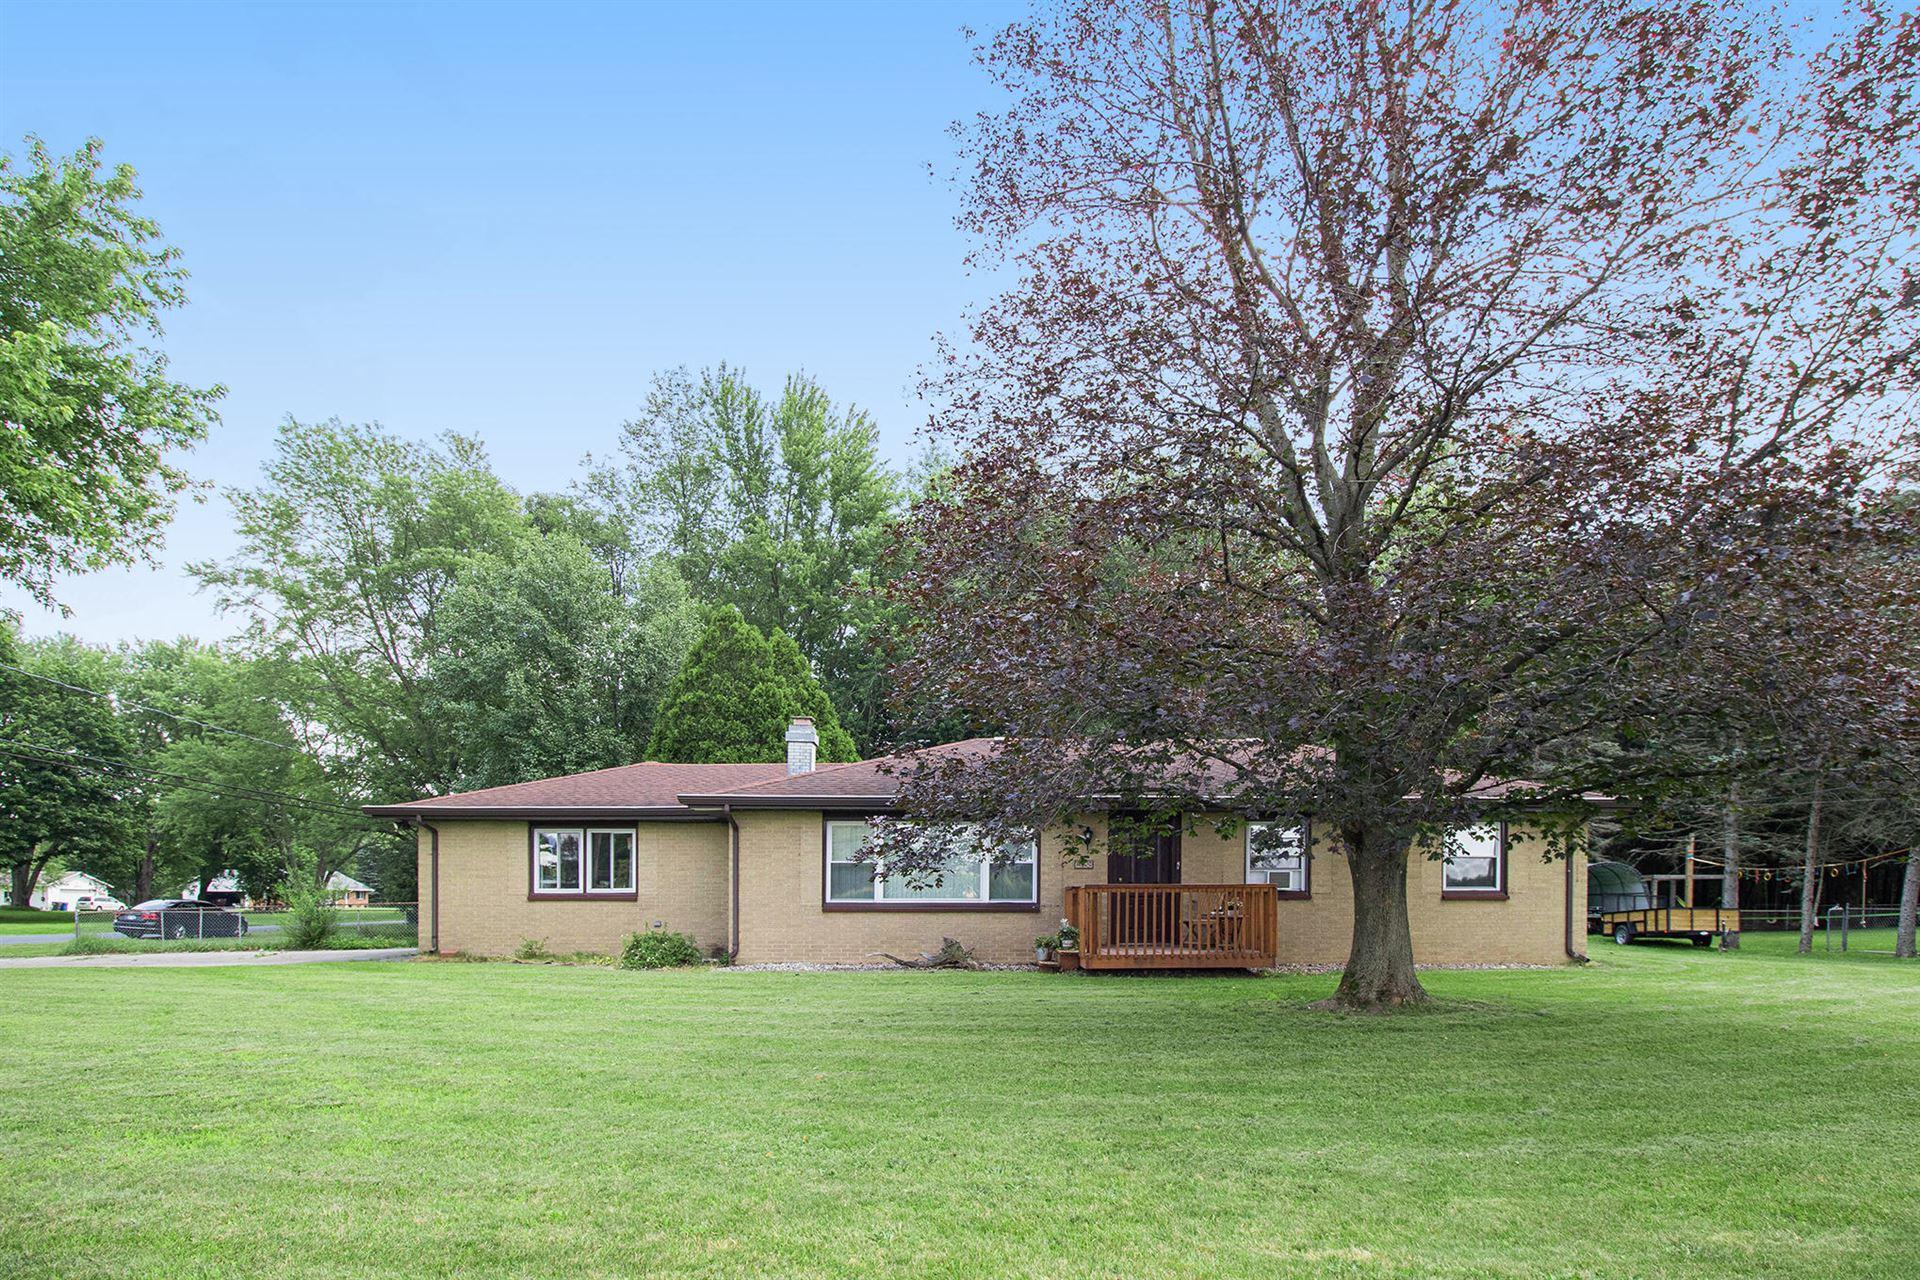 6988 N Riverview Drive, Kalamazoo, MI 49004 - MLS#: 21094804